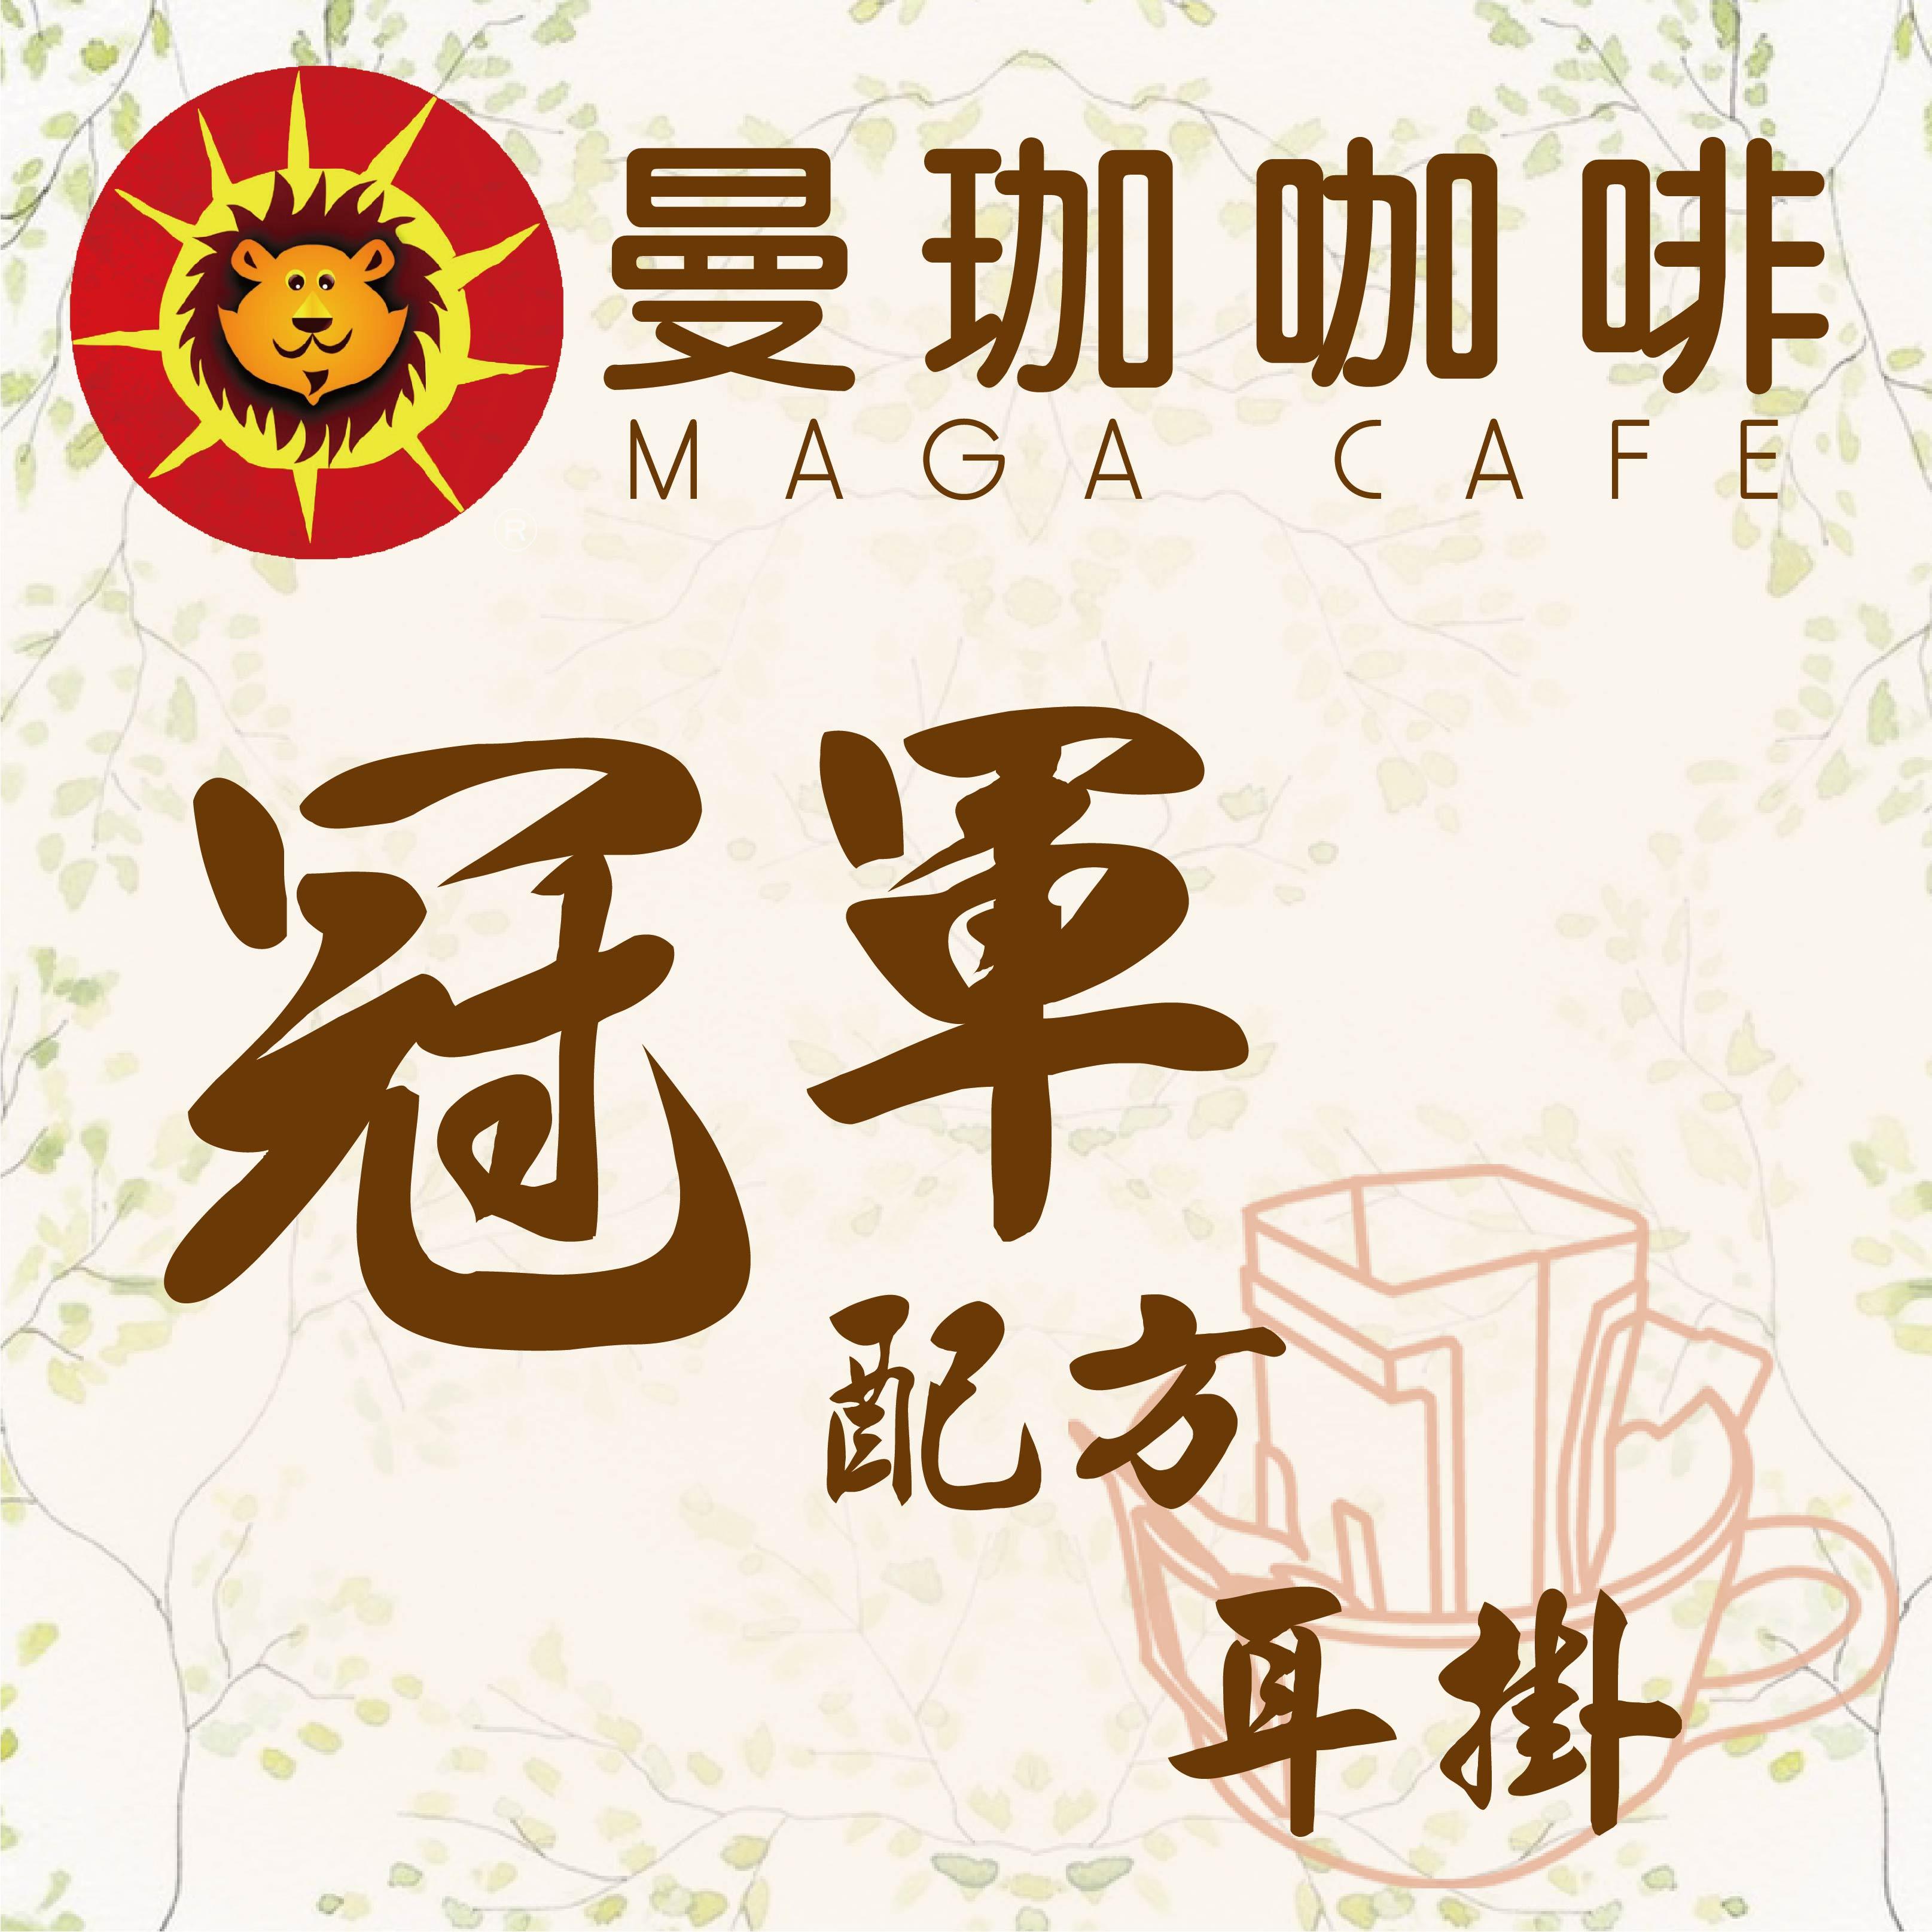 【曼珈咖啡】曼珈冠軍配方 北義式烘焙 新鮮濾掛/耳掛精品咖啡(每盒10入)